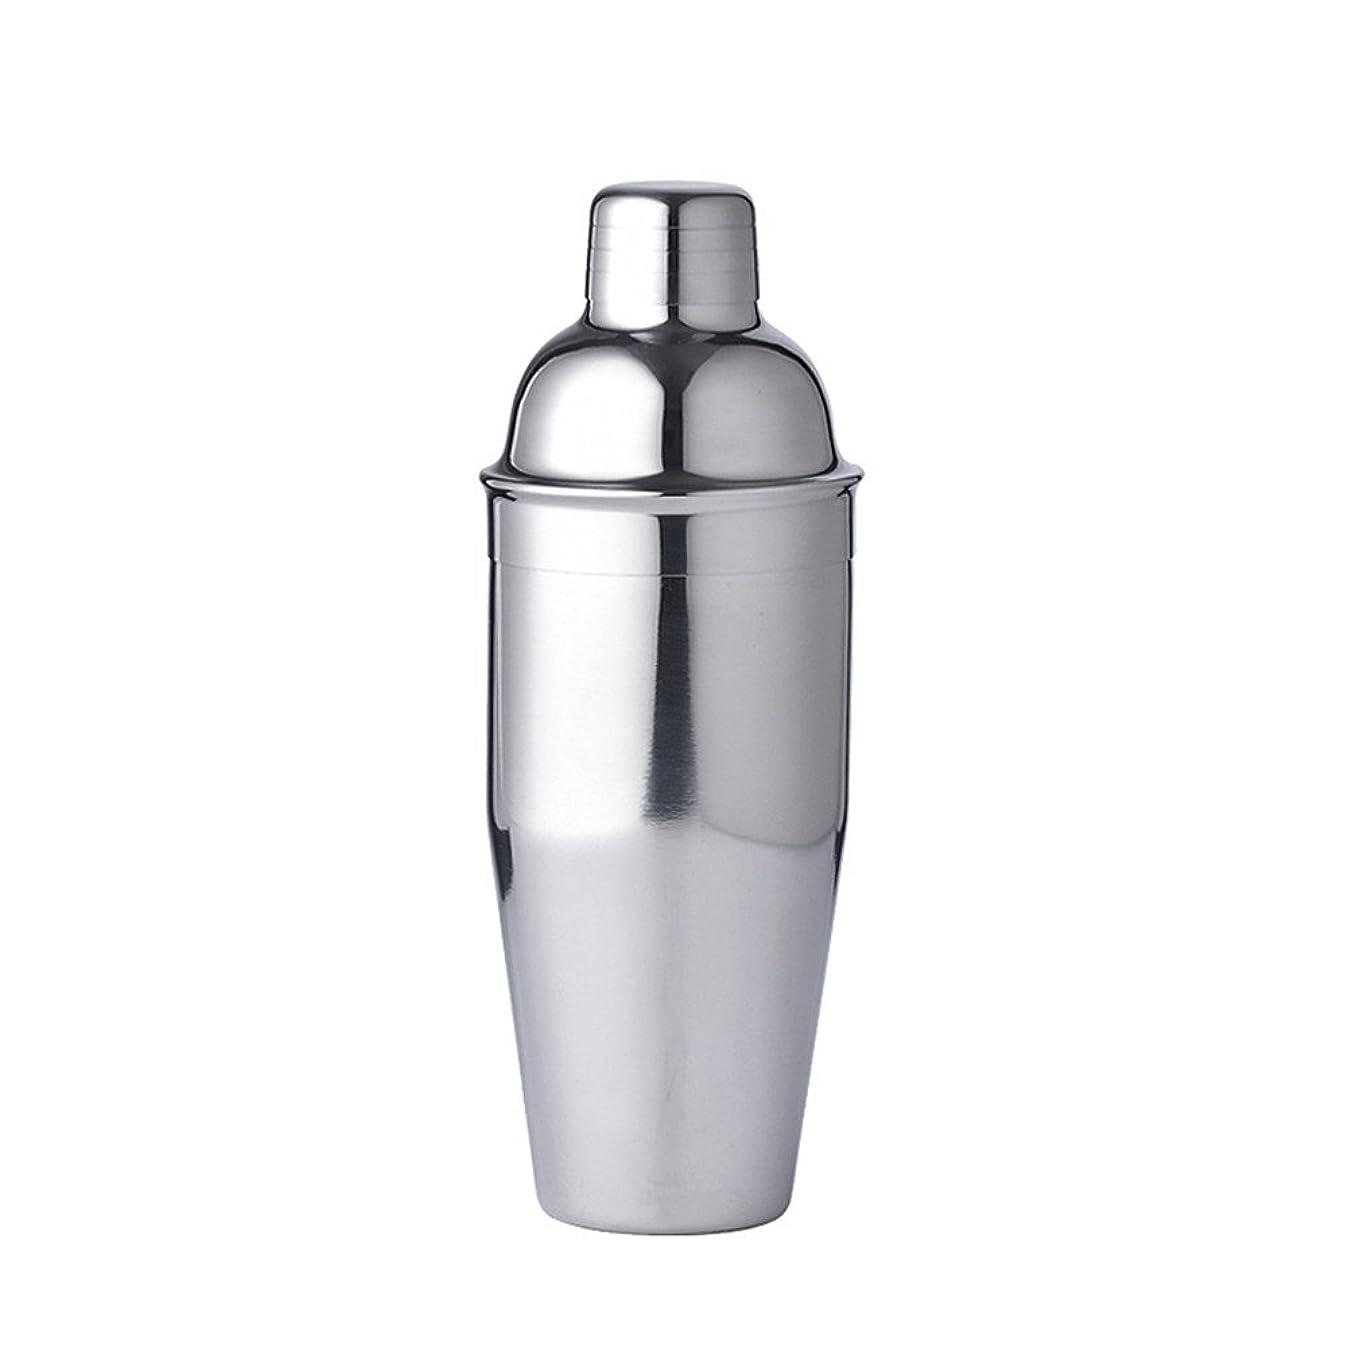 LUCKYGOOBO Stainless Steel Cocktail Shaker,25oz(750ml) Martini Shaker,Bartender Kit,Silver